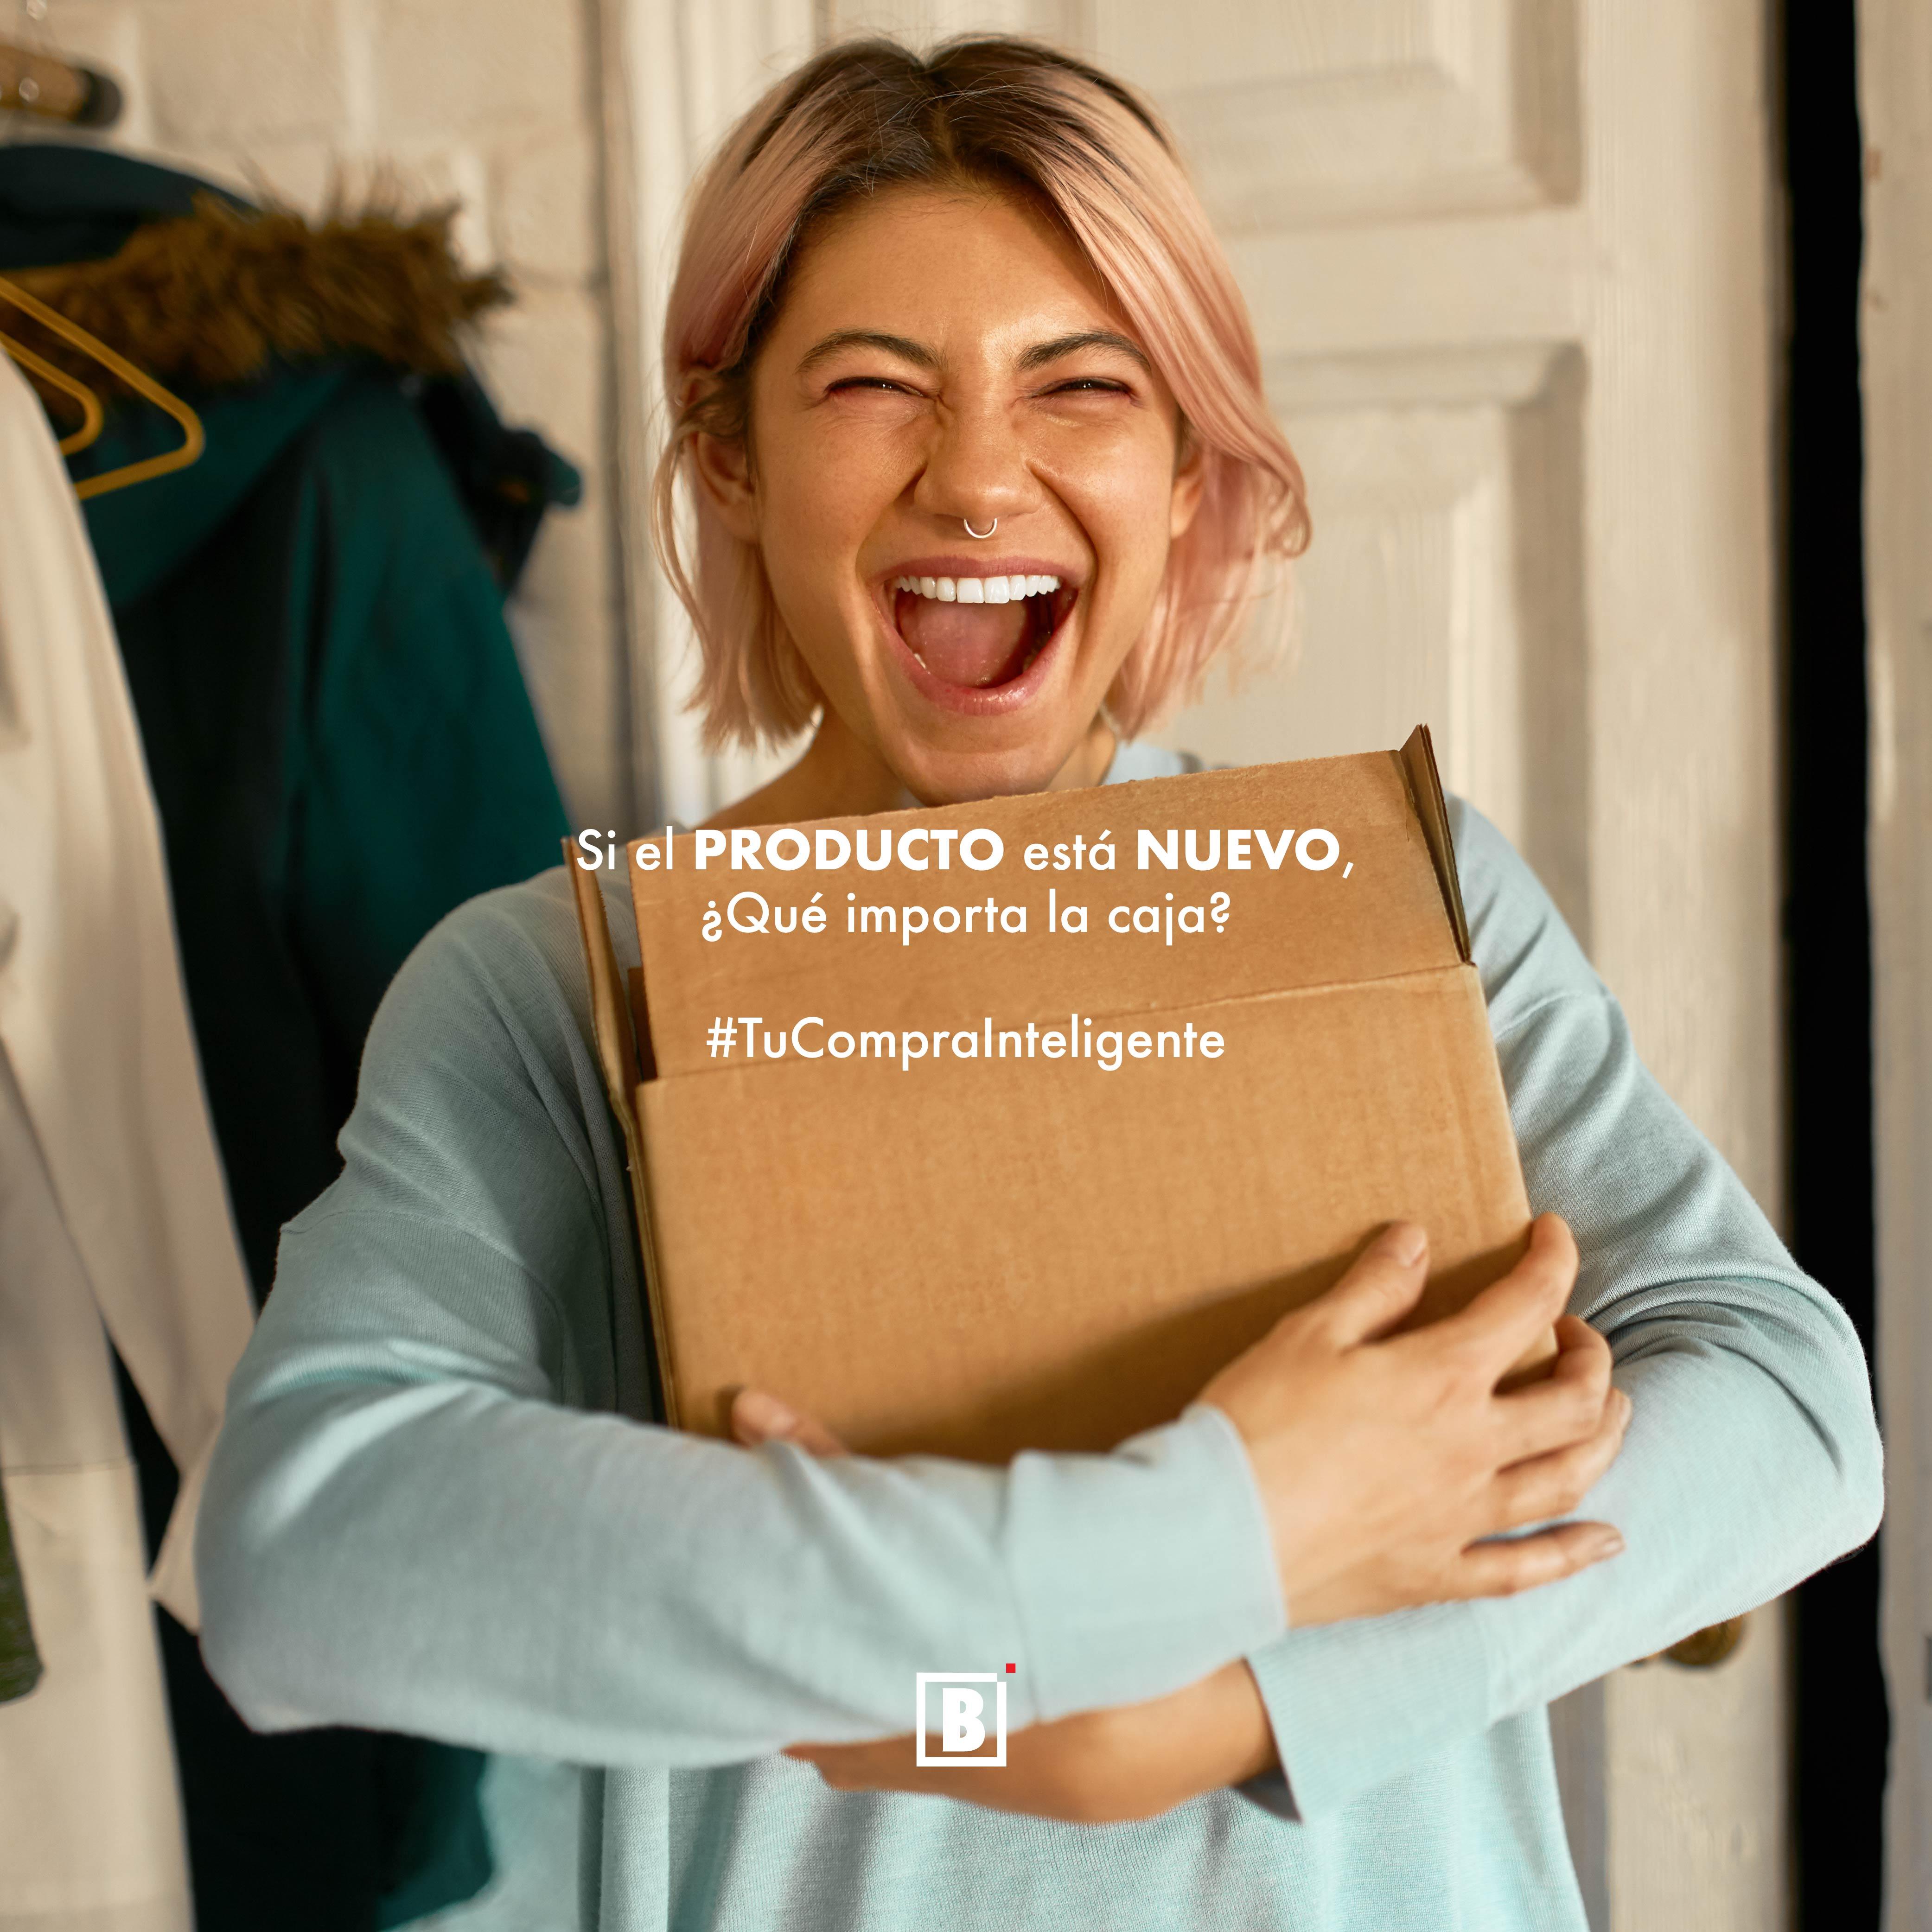 SELECCIONAMOS los mejores productos y te ofrecemos OPORTUNIDADES ÚNICAS. Compra #OPENBOX.